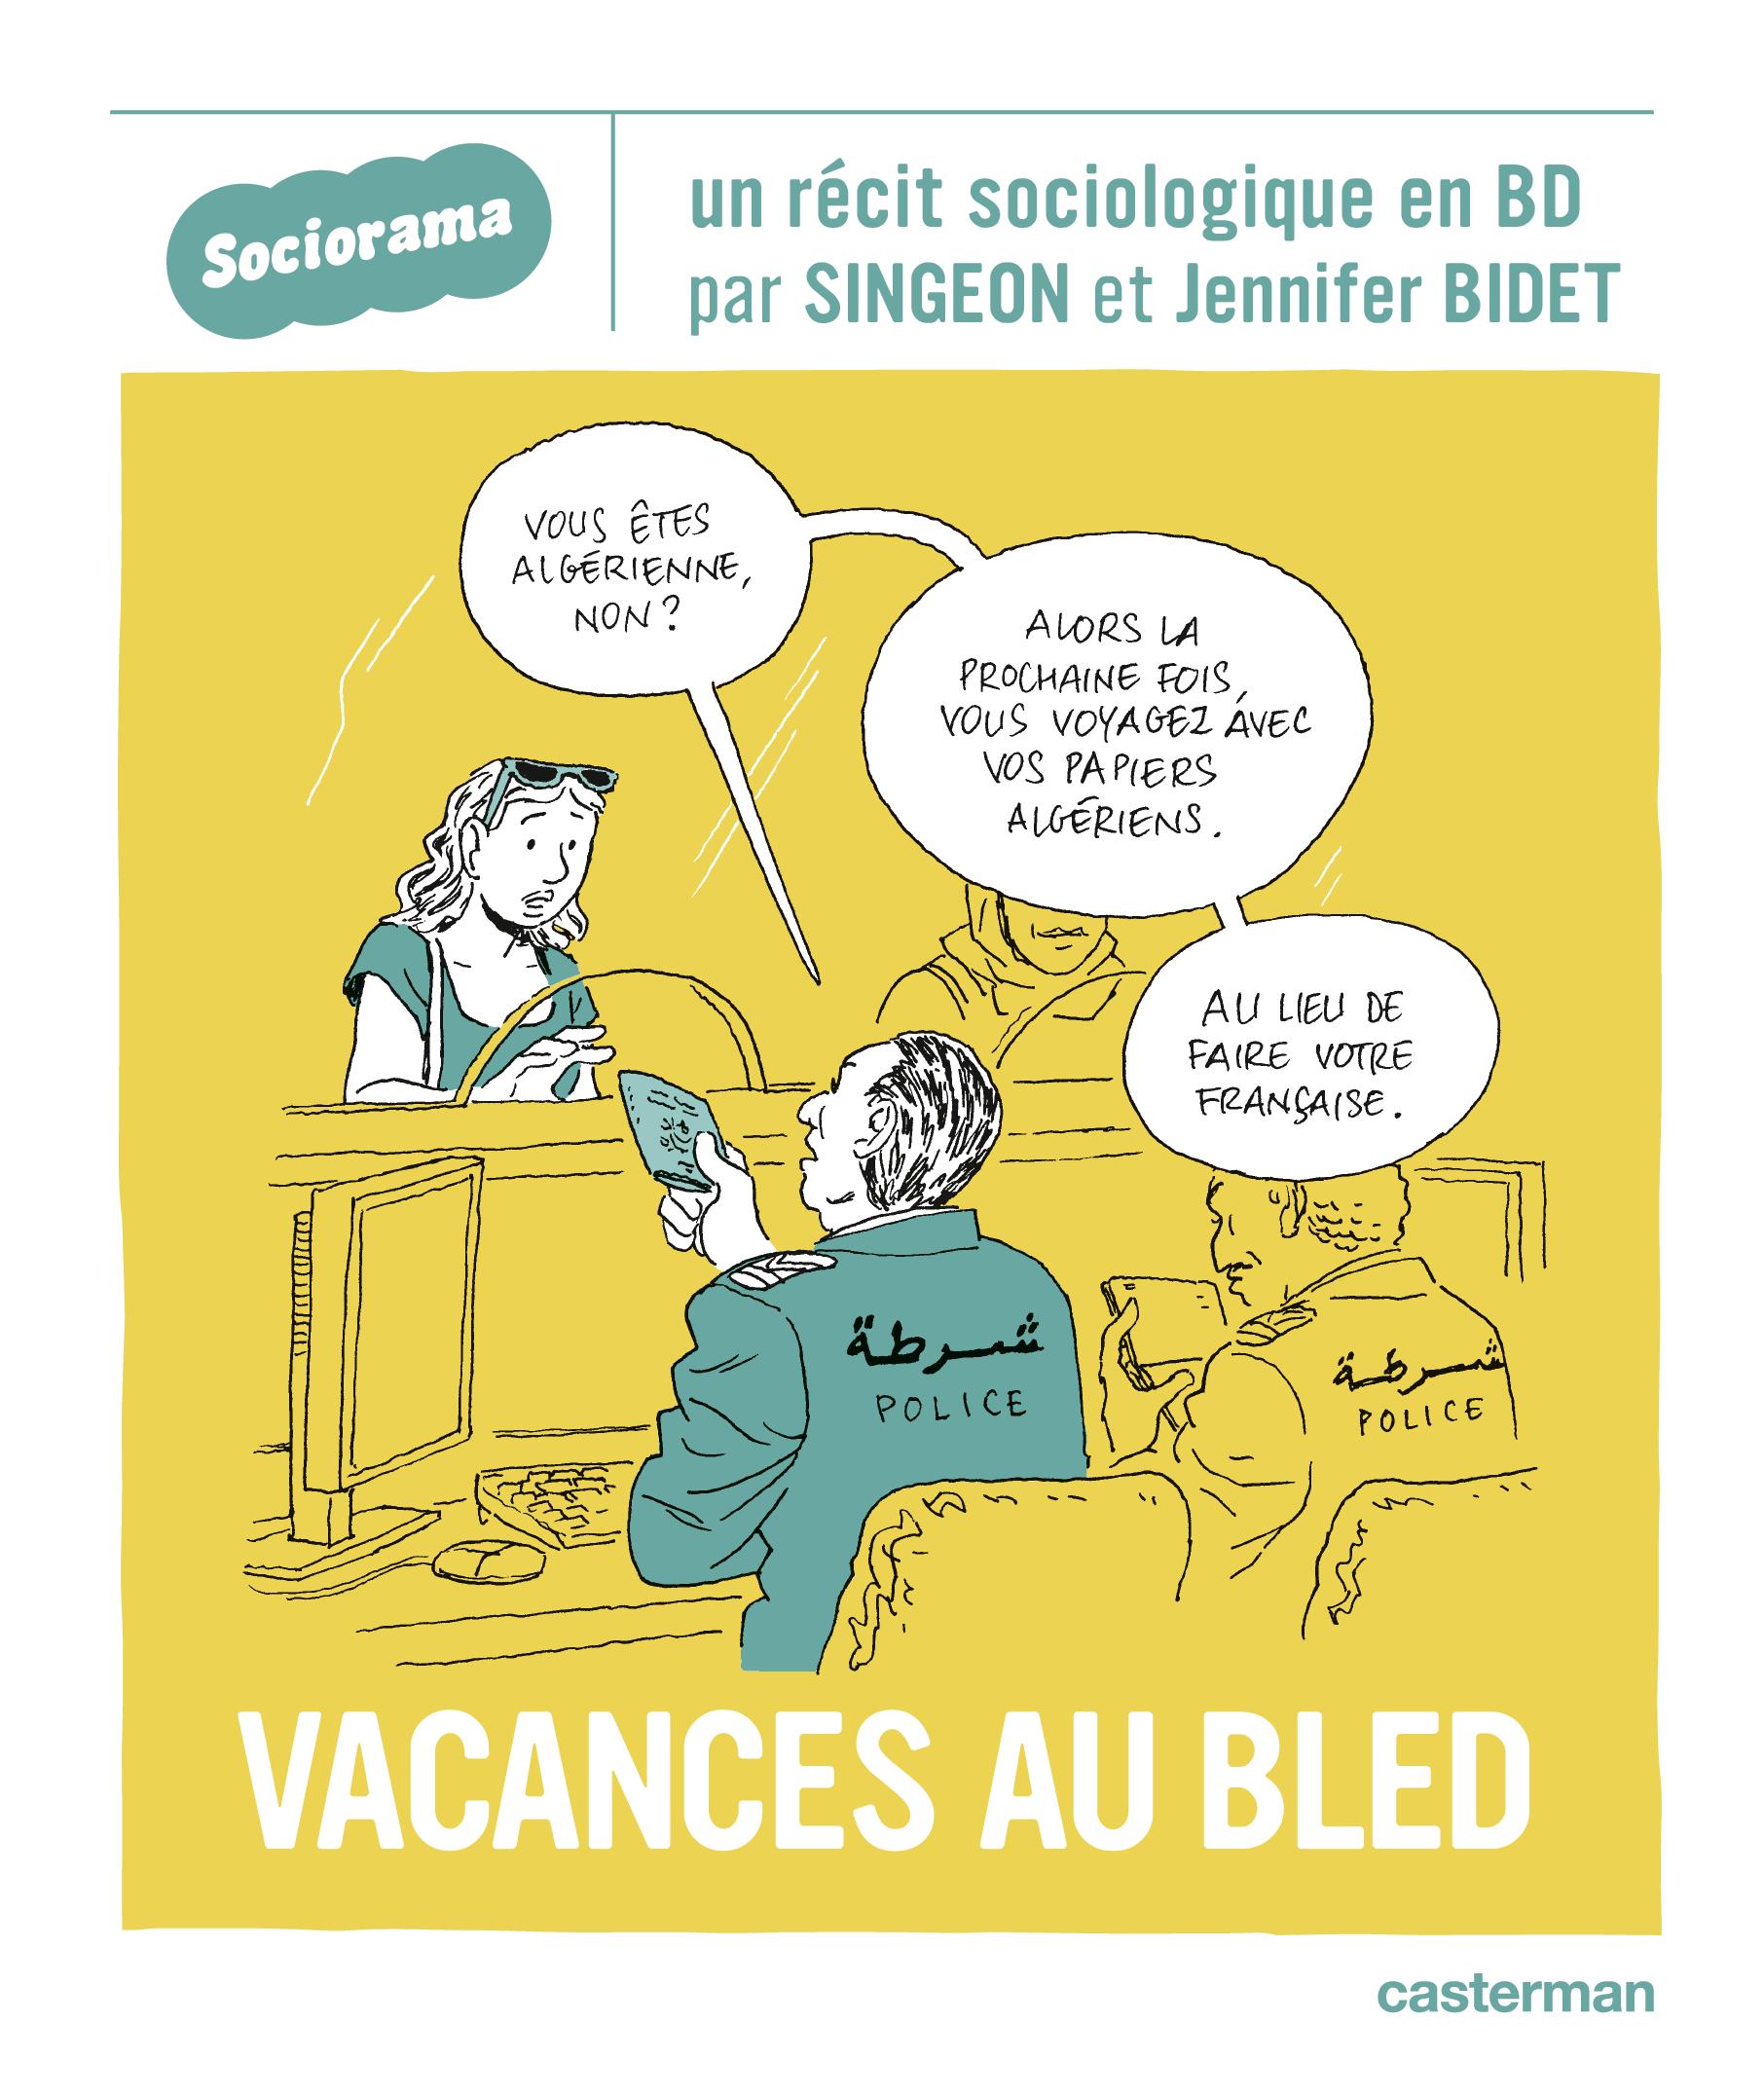 Sociorama - Vacances au bled | Singeon,